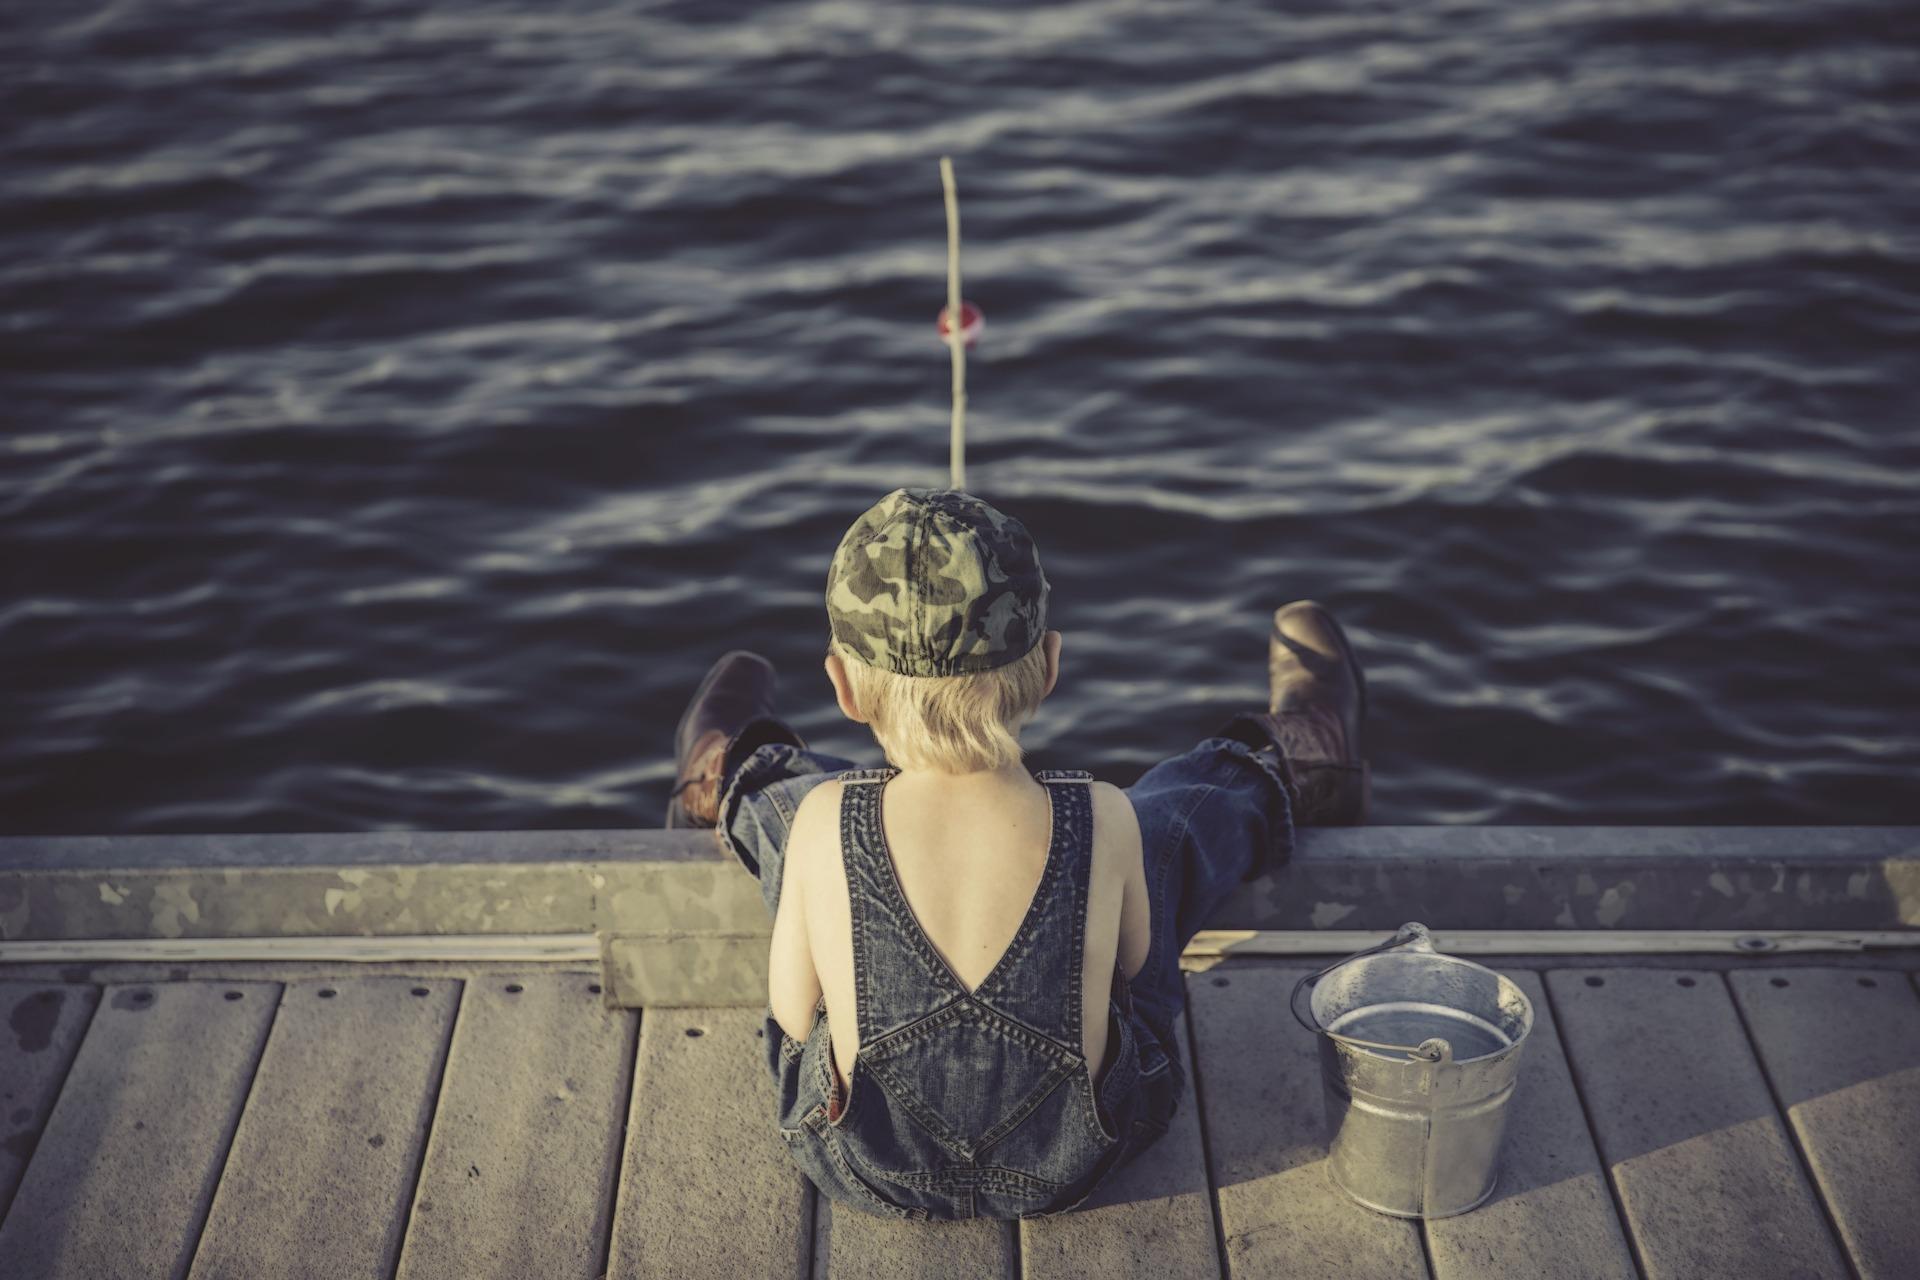 Var får man egentligen fiska och vad krävs?